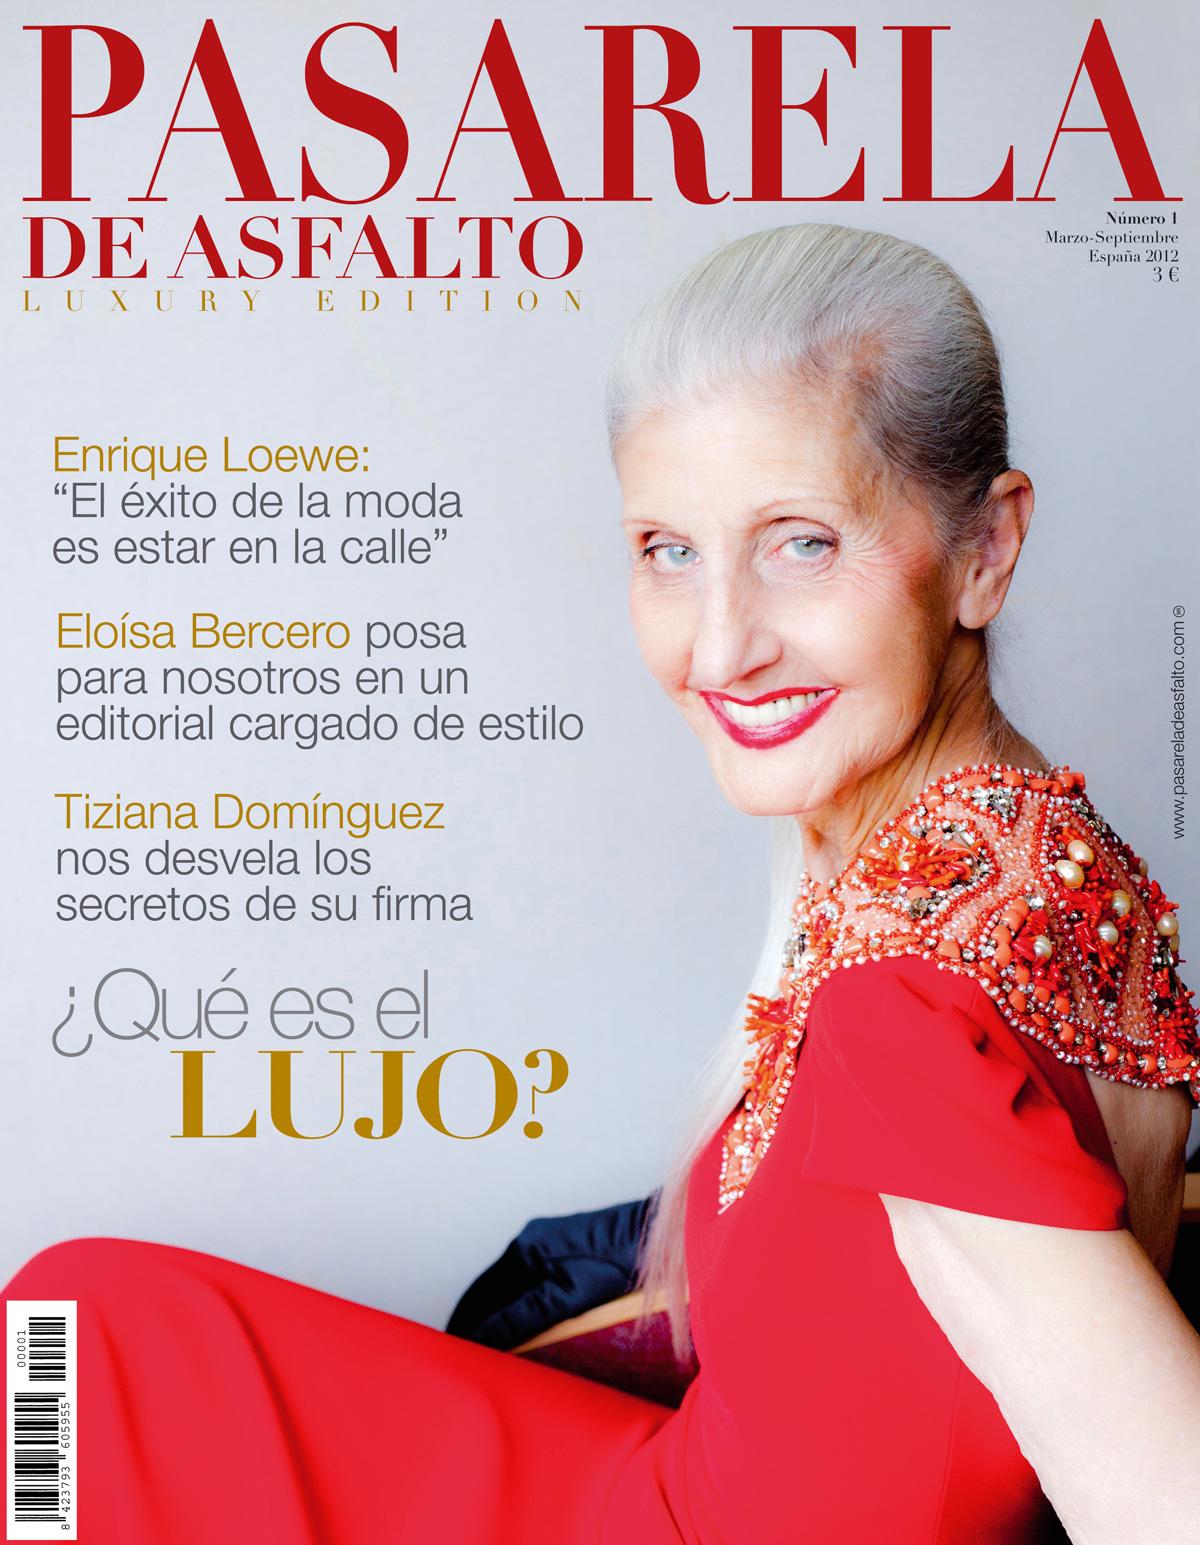 Portada+pasarela+de+asfalto,+luxury+edition.jpg